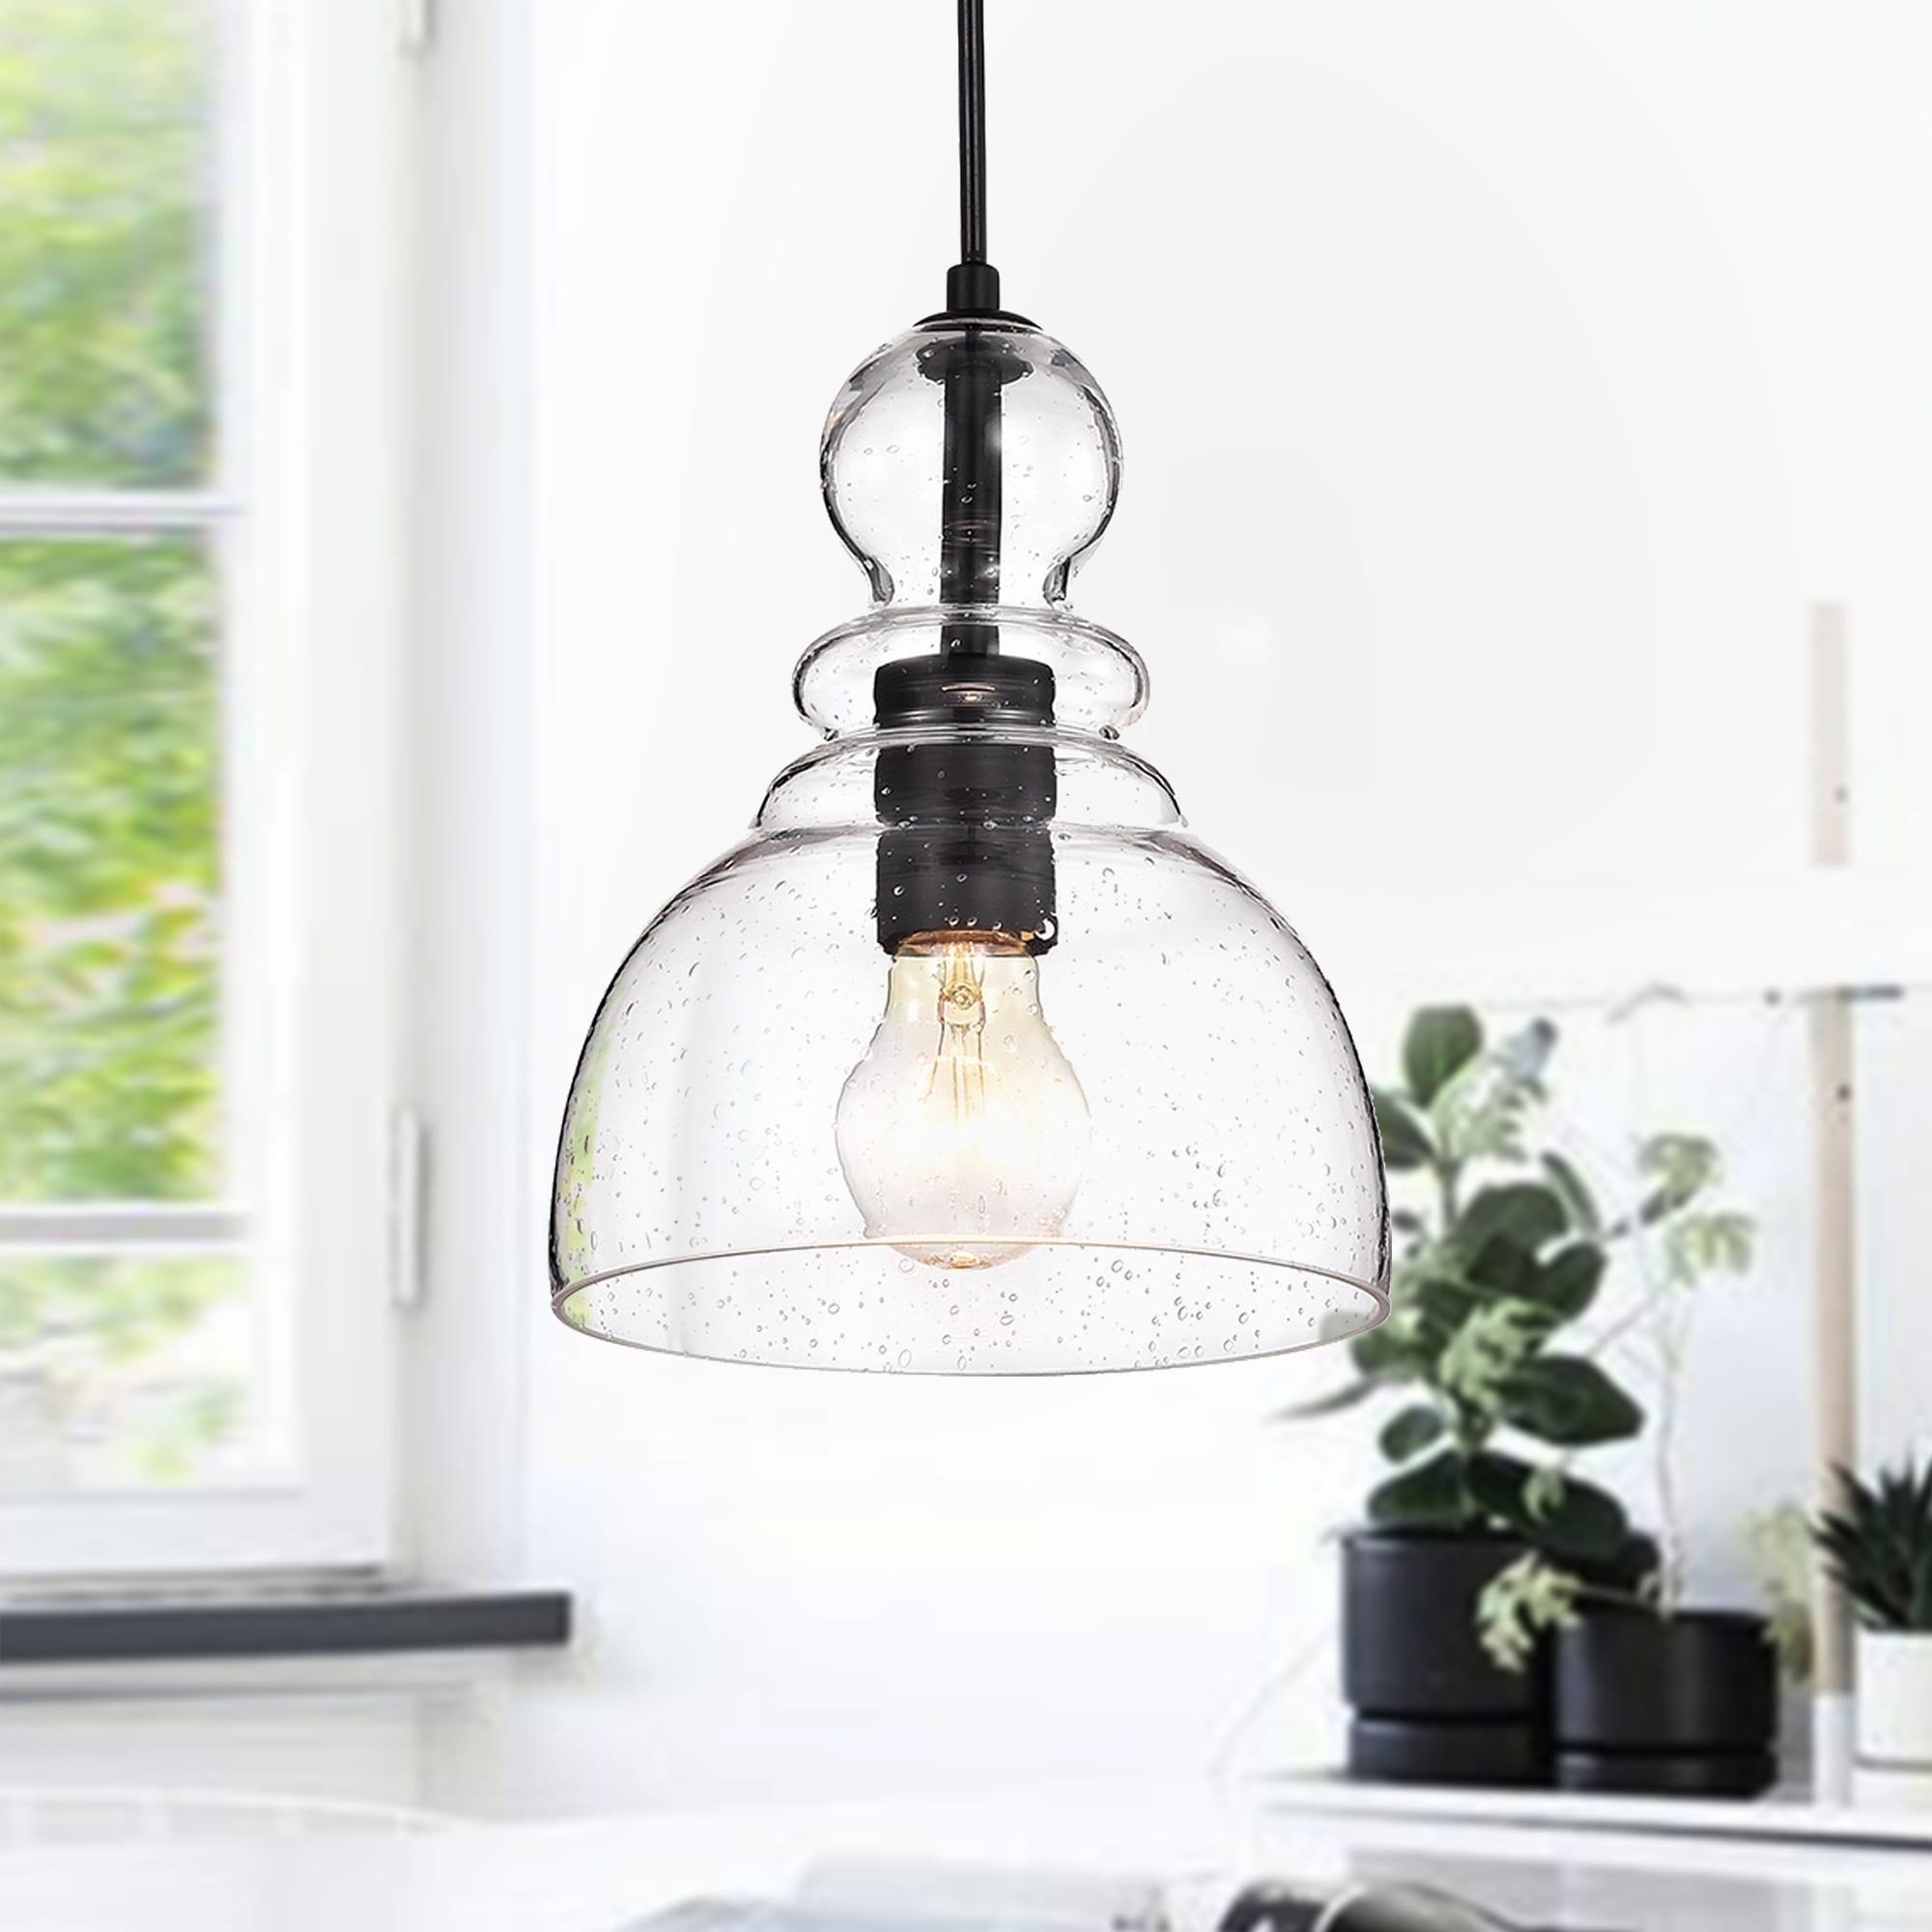 Nefelt Matte Black 1 Light Decanter Seeded Gl Pendant On Free Shipping Orders Over 45 21146038